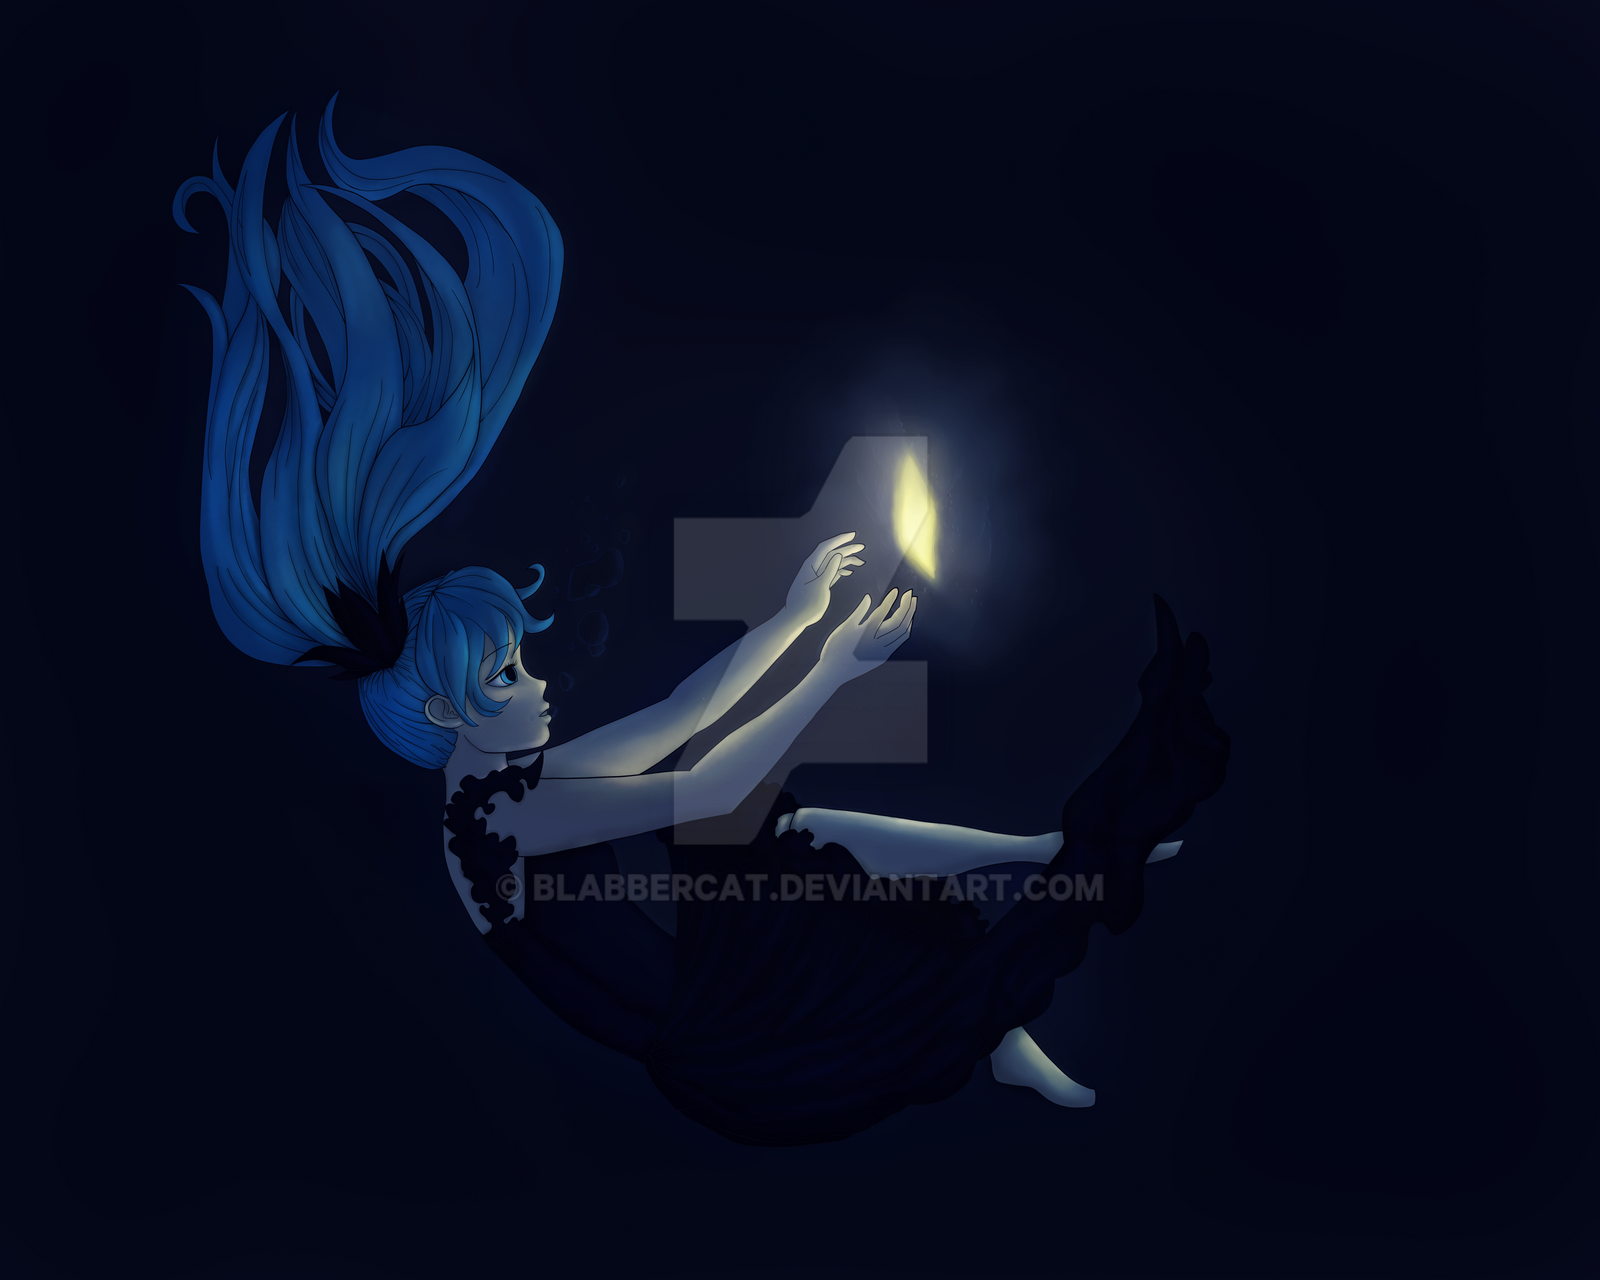 Deep Sea Girl Fan Art by Blabbercat